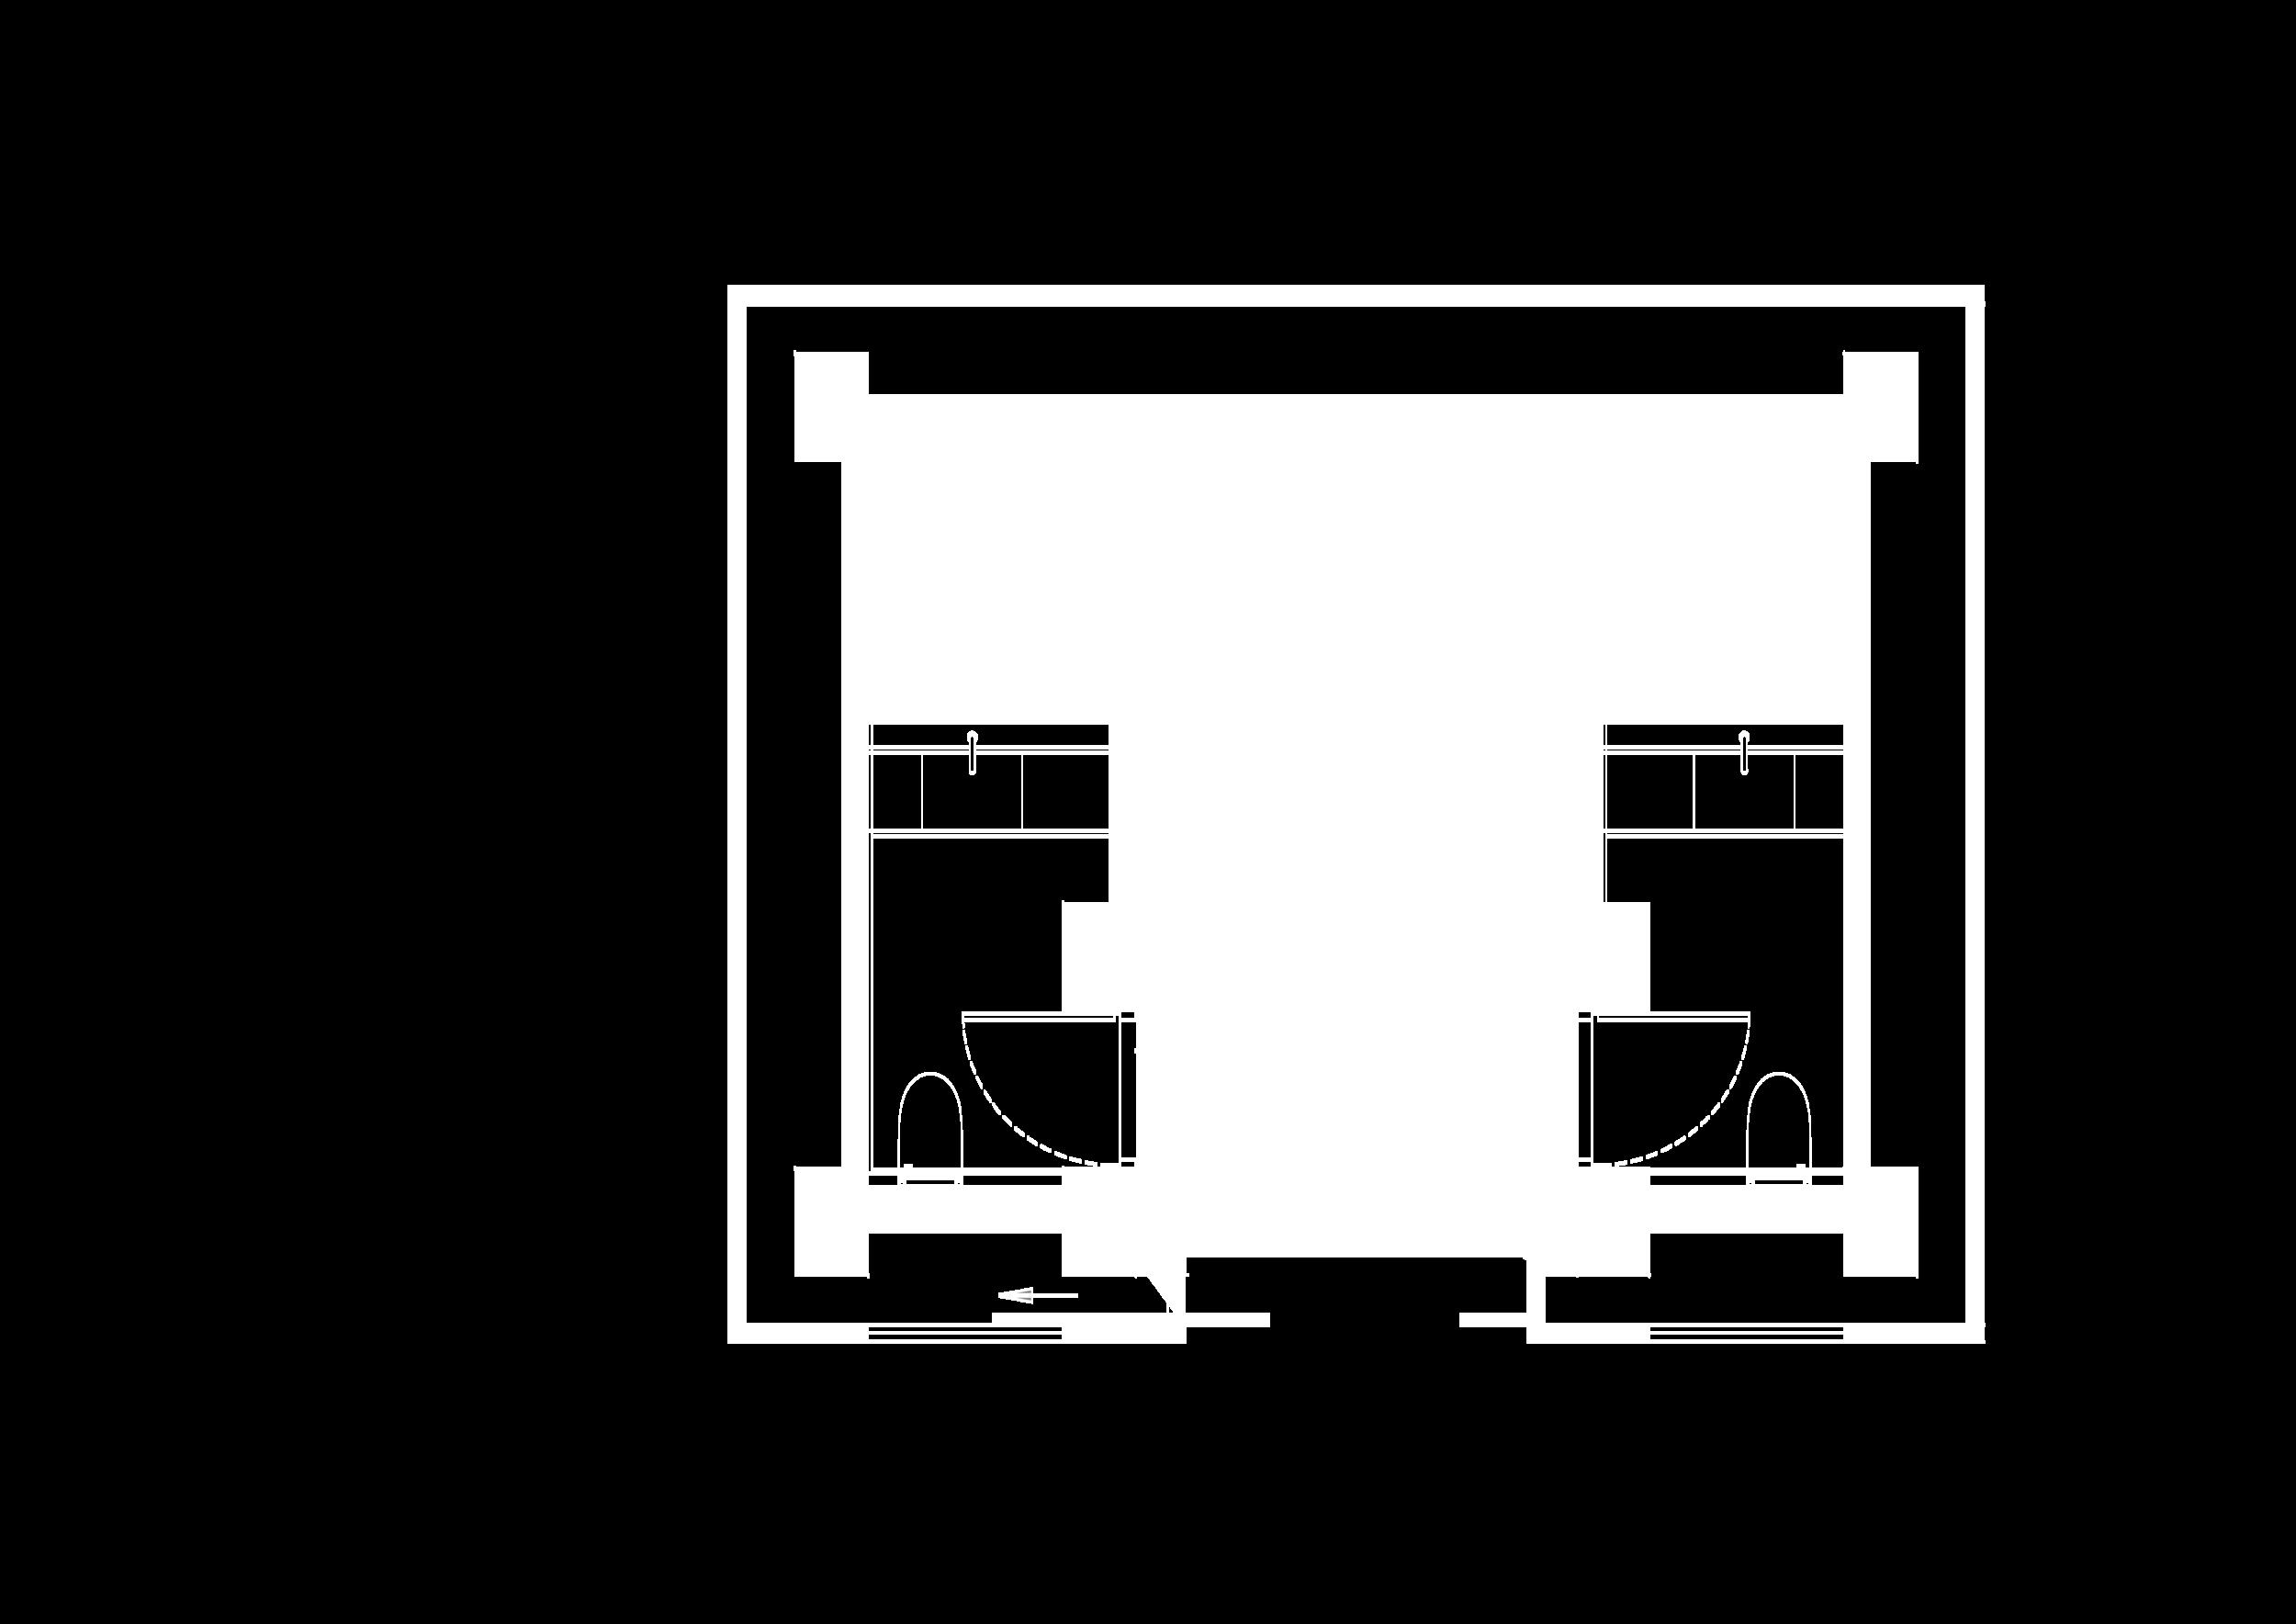 入口-區域-02-02.png